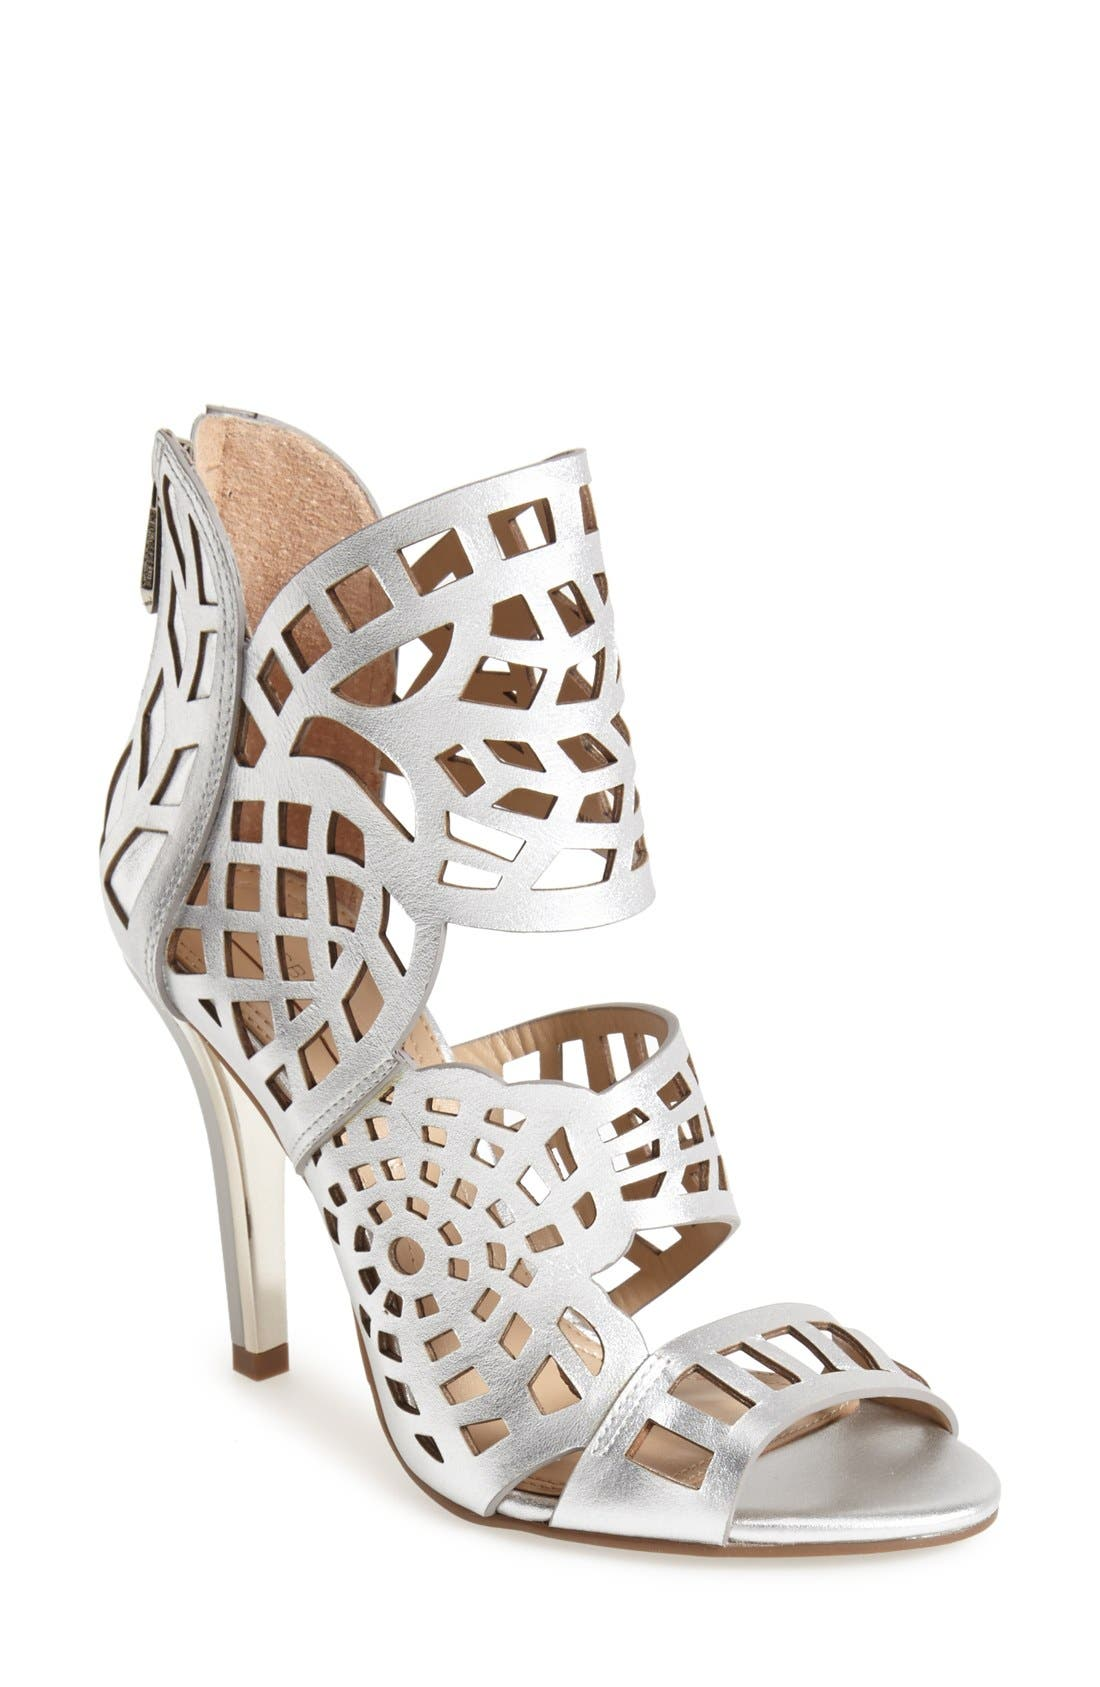 Alternate Image 1 Selected - BCBGMAXAZRIA 'Maven' Sandal (Women)